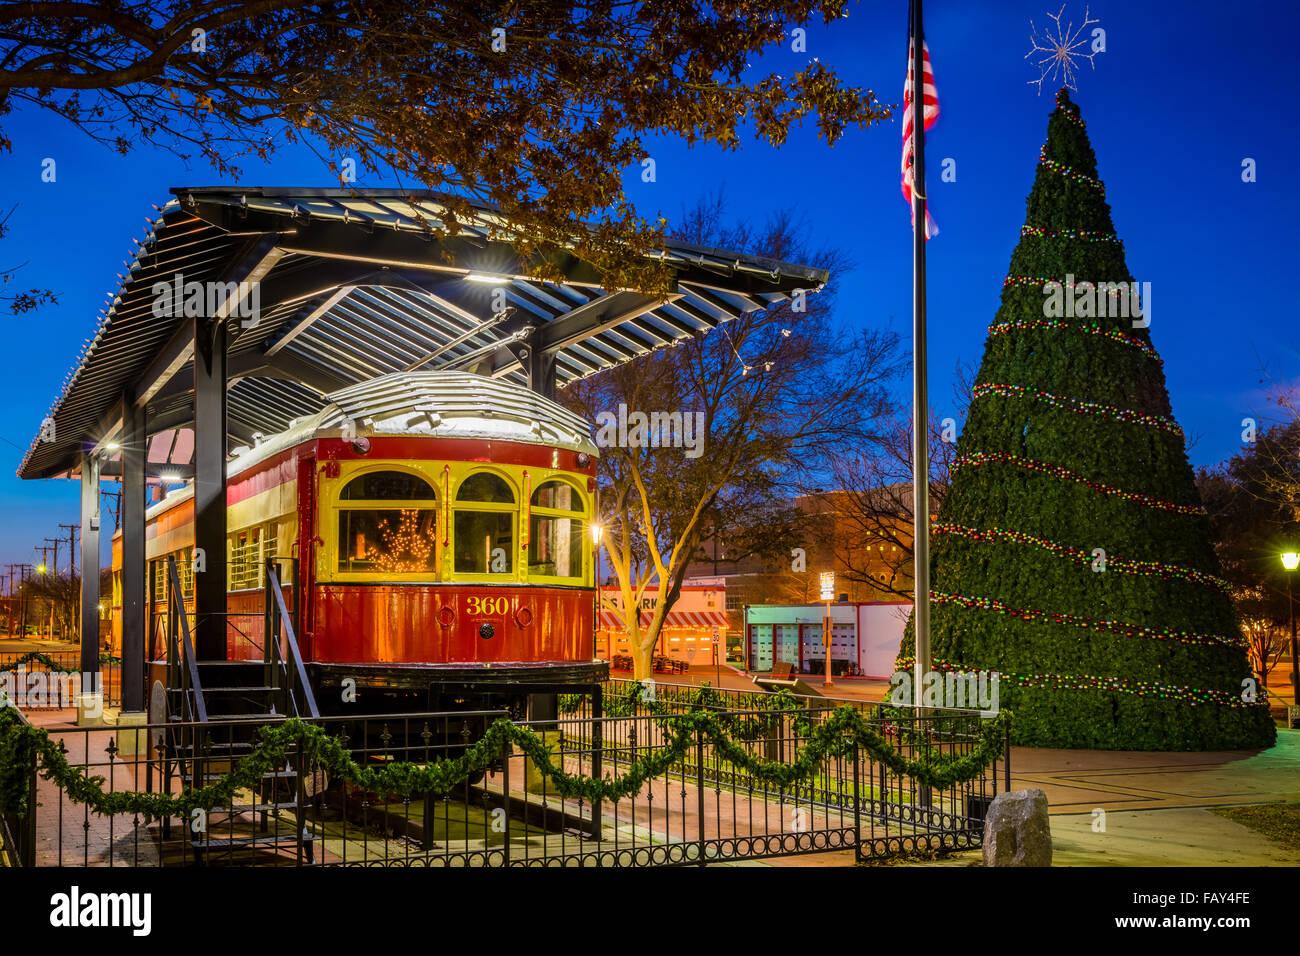 Tranvía restaurado en el centro de la ciudad de Plano, Texas Foto de stock